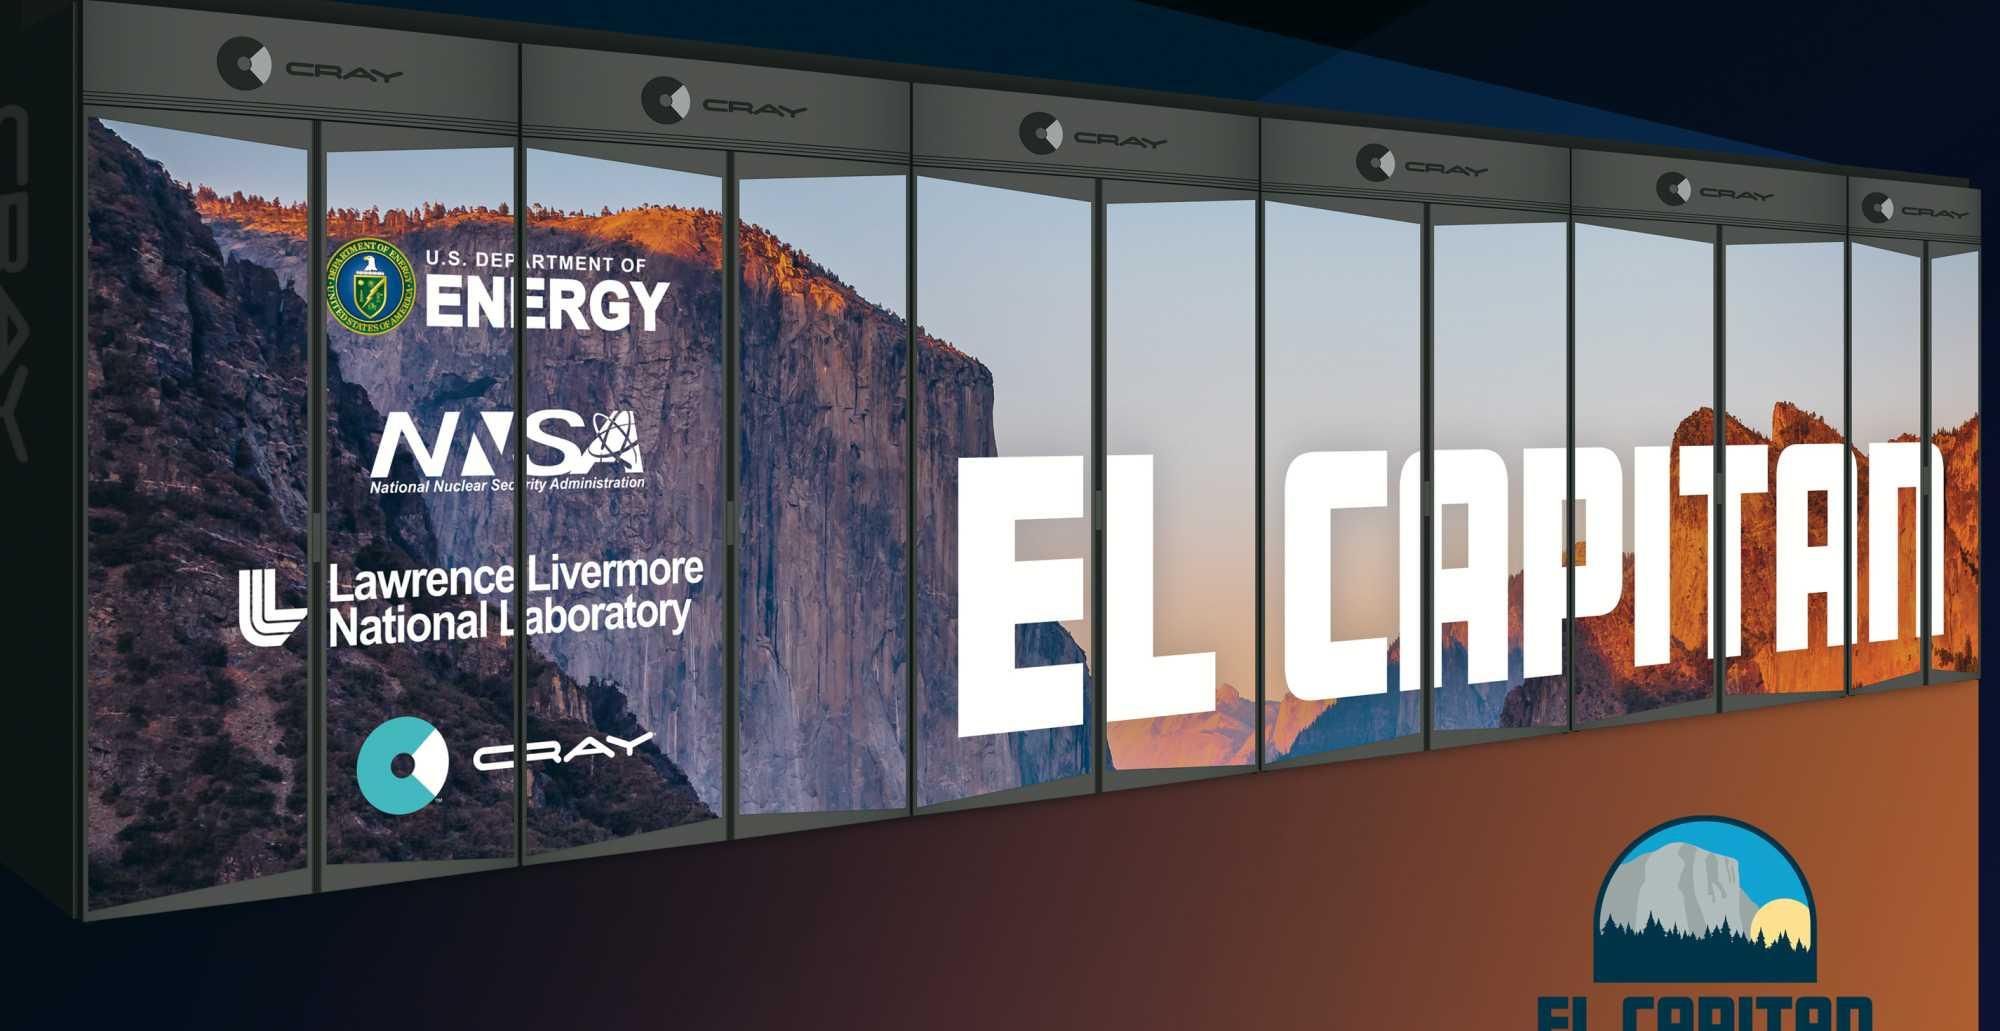 """2023 soll der Supercomputer """"El Capitan"""" dem US-LLNL über 1,5 Exaflops Rechenleistung liefern – aber mit welchen Chips, ist noch offen."""